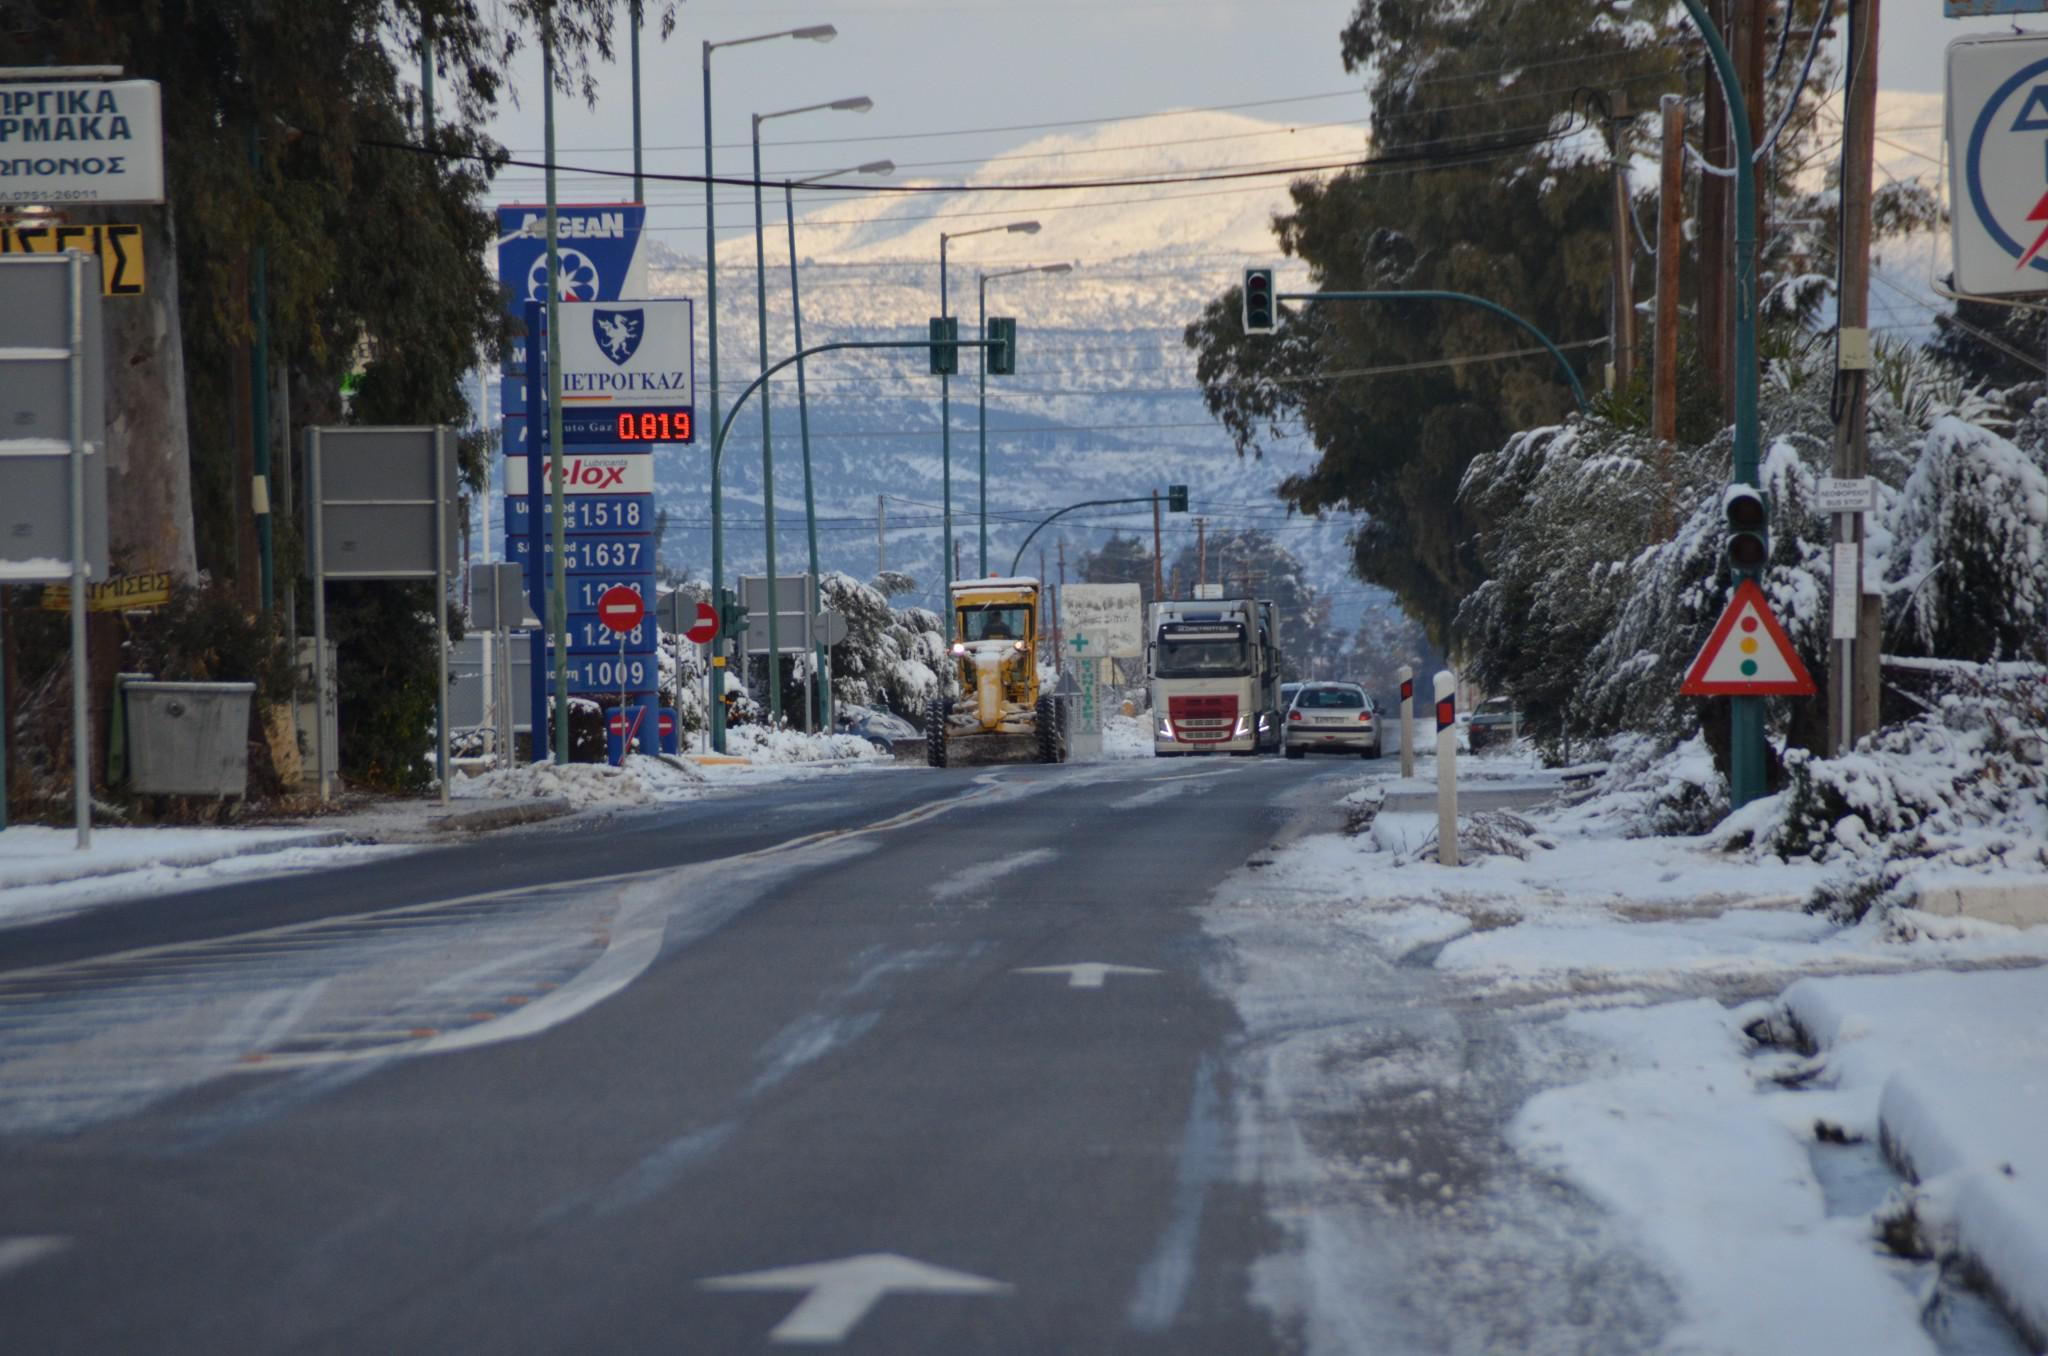 argolida-xionia-5 Τραγική κατάσταση στην Αλόννησο  – Πολλά προβλήματα σε όλη την Ελλάδα από τον χιονιά